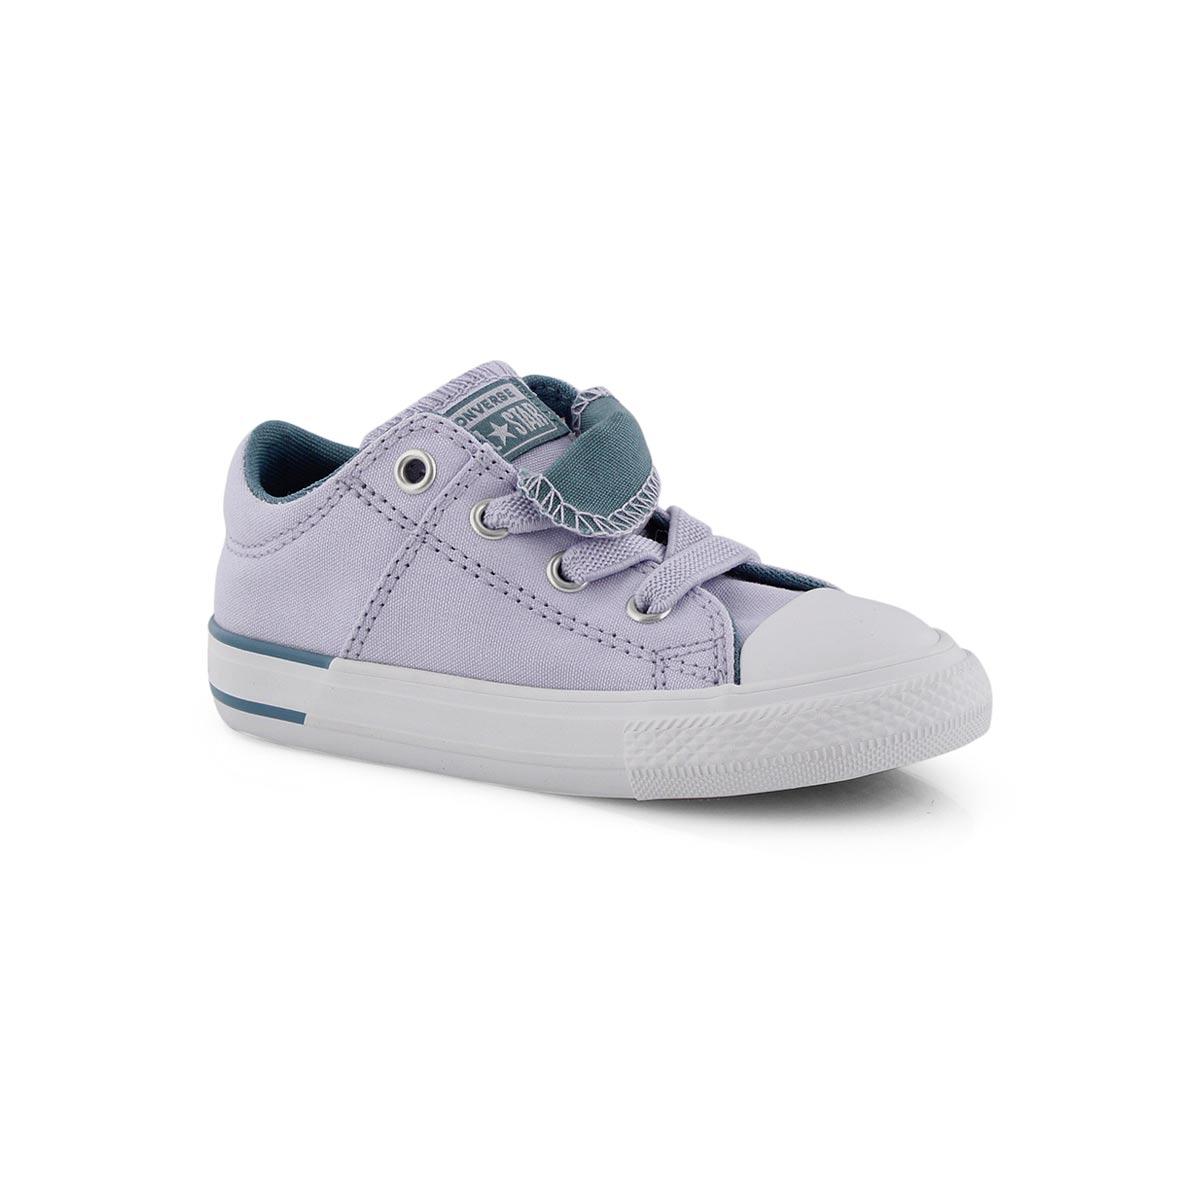 Inf-g CTAS Maddie purple/teal sneaker